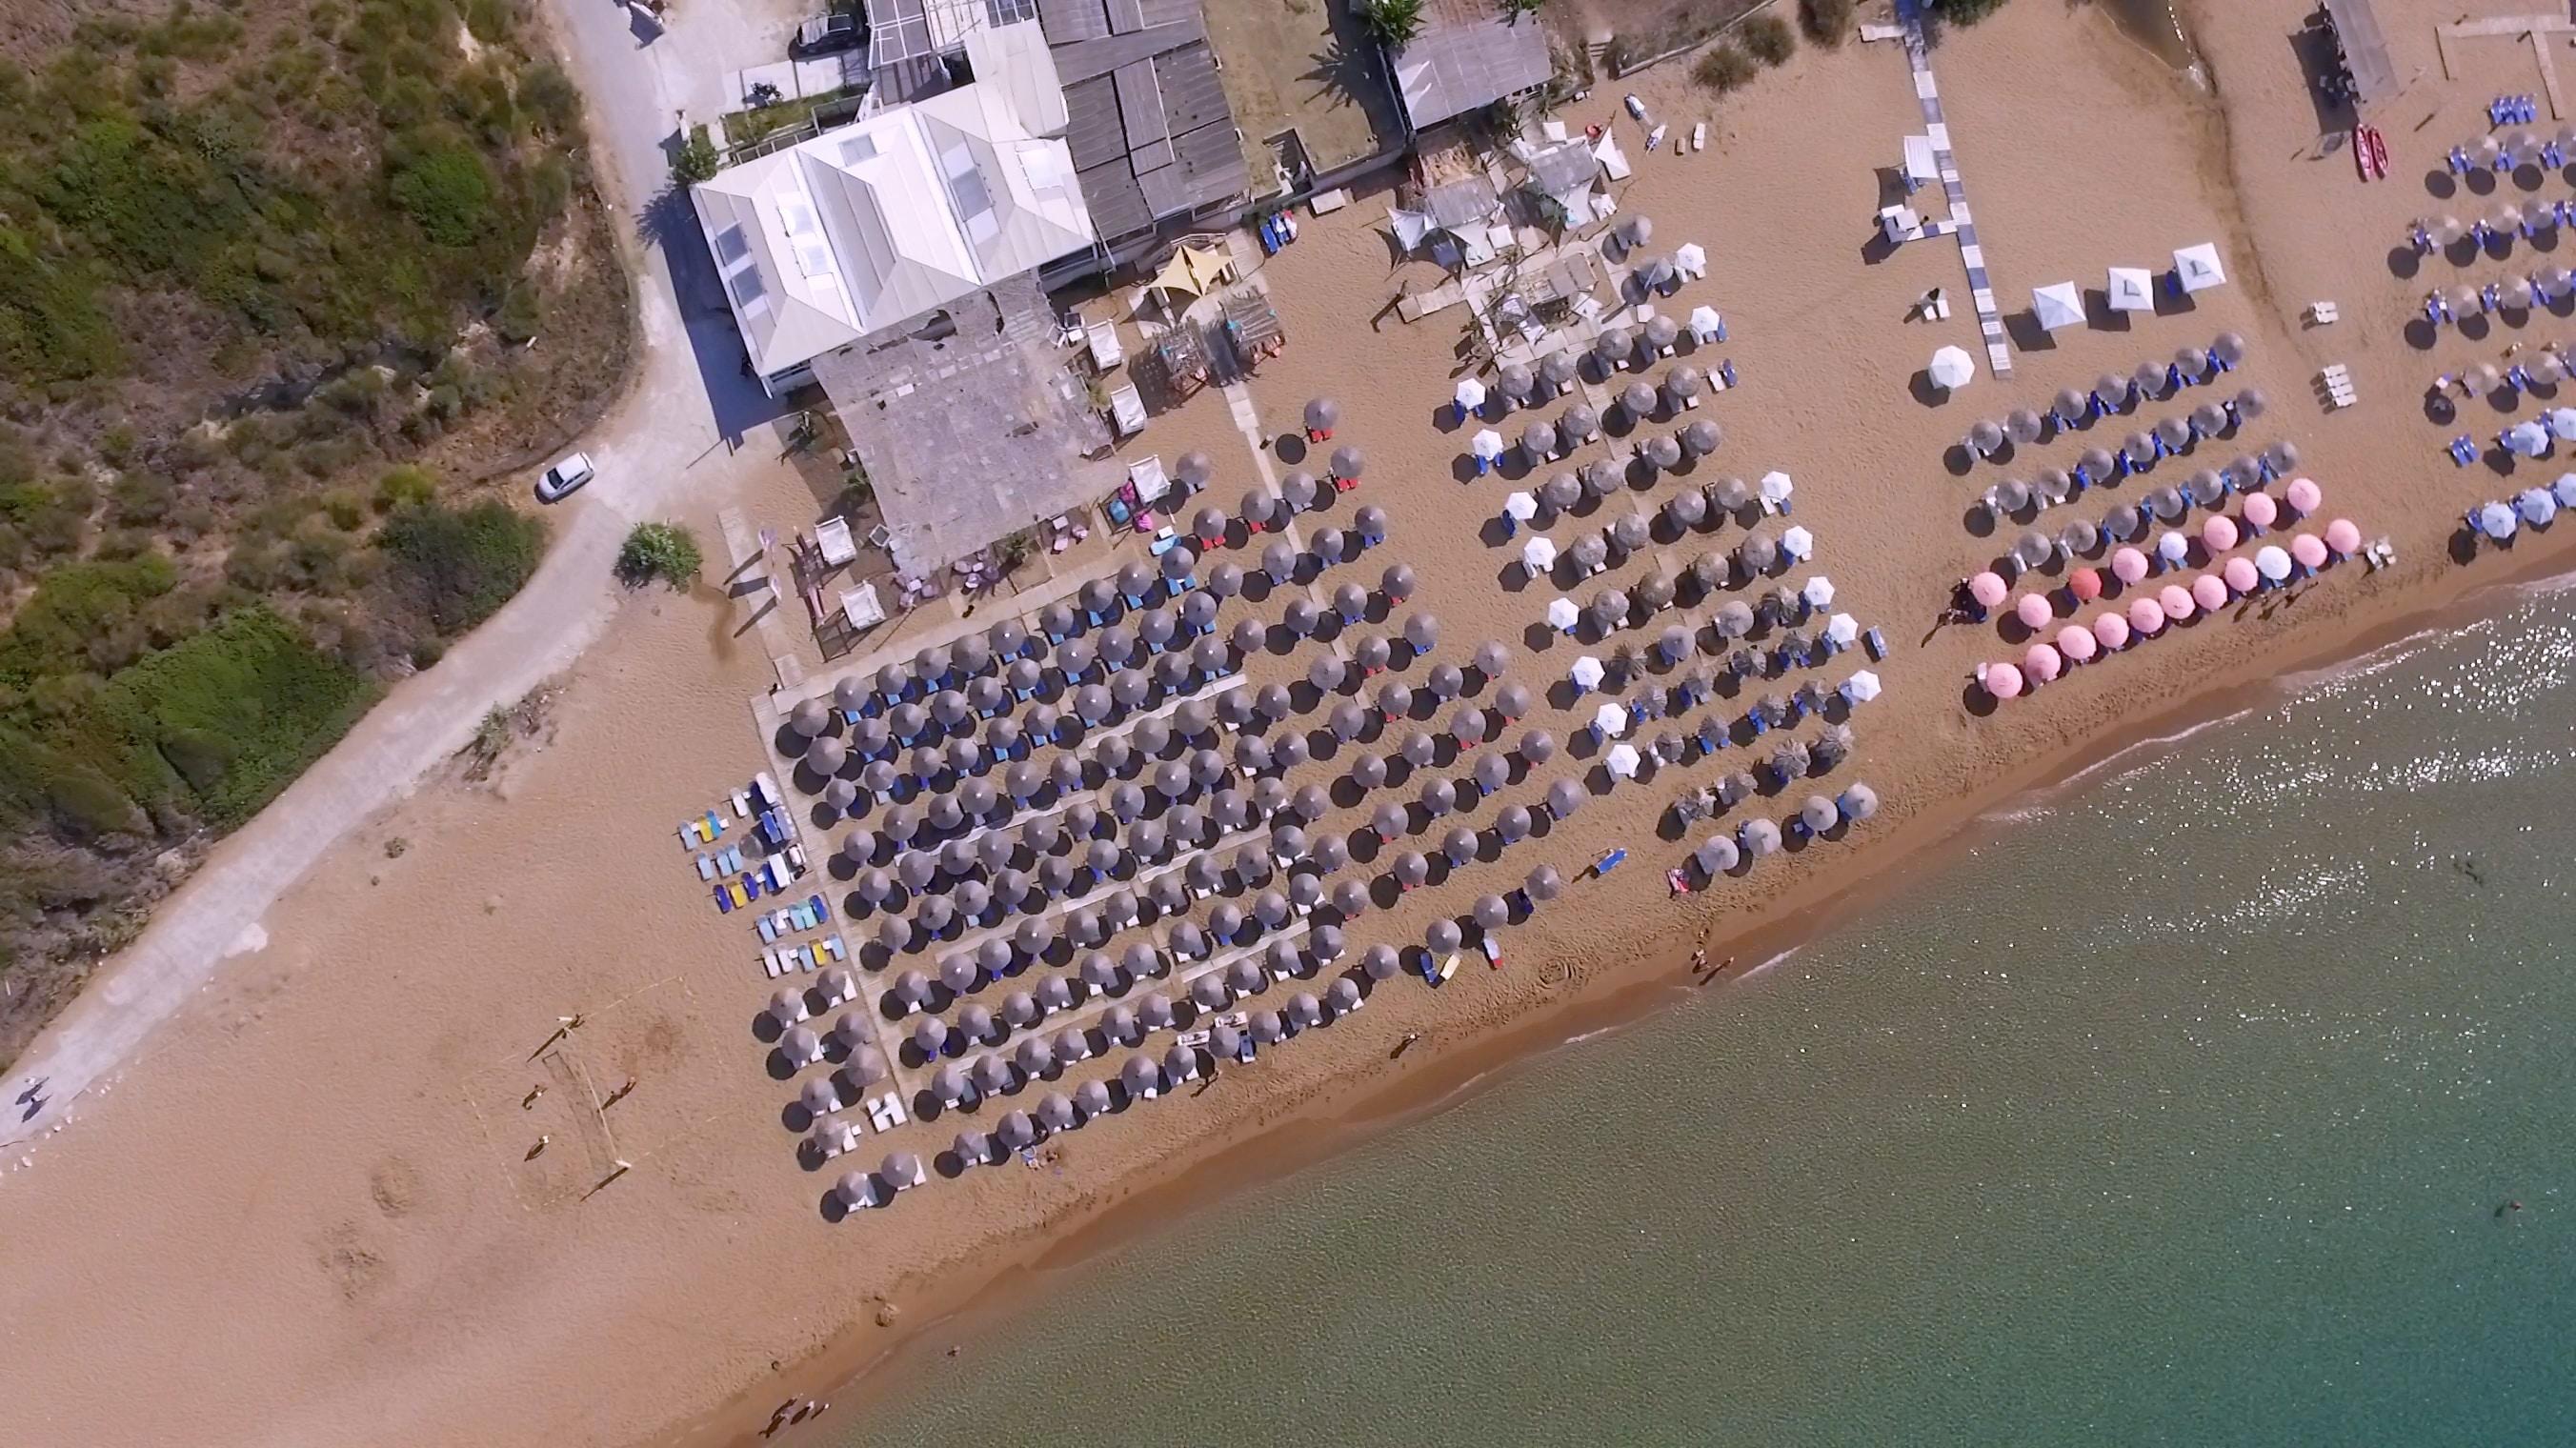 Foto per promozione stabilimento balneare